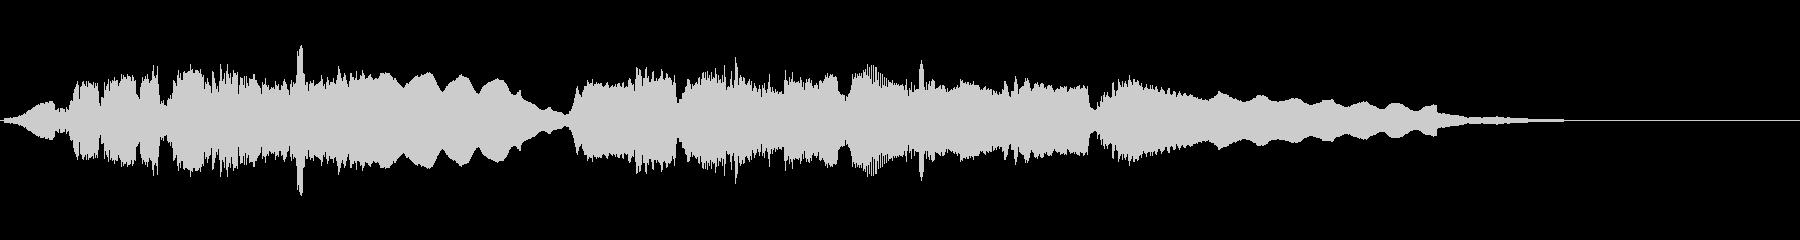 ムード感あるジャズ風サックスソロ12秒の未再生の波形